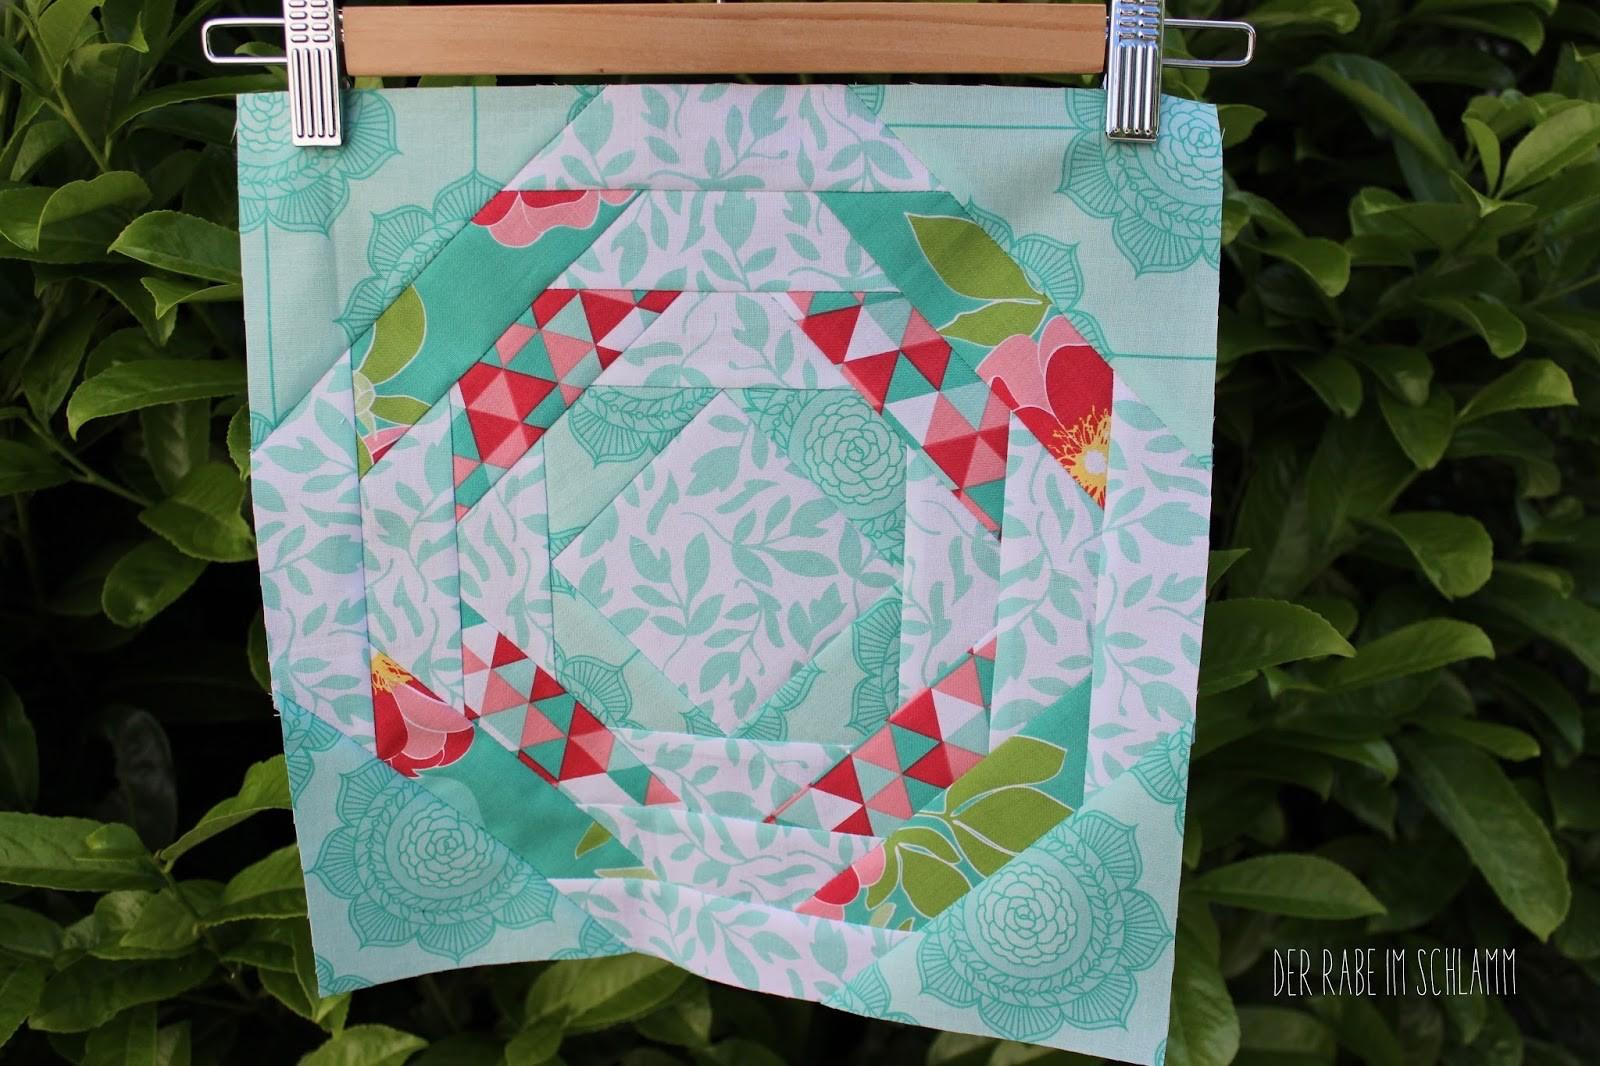 Der Rabe im Schlamm, Pineapple Quiltblock, Quilt, Patchwork, 6 Köpfe 12 Blöcke